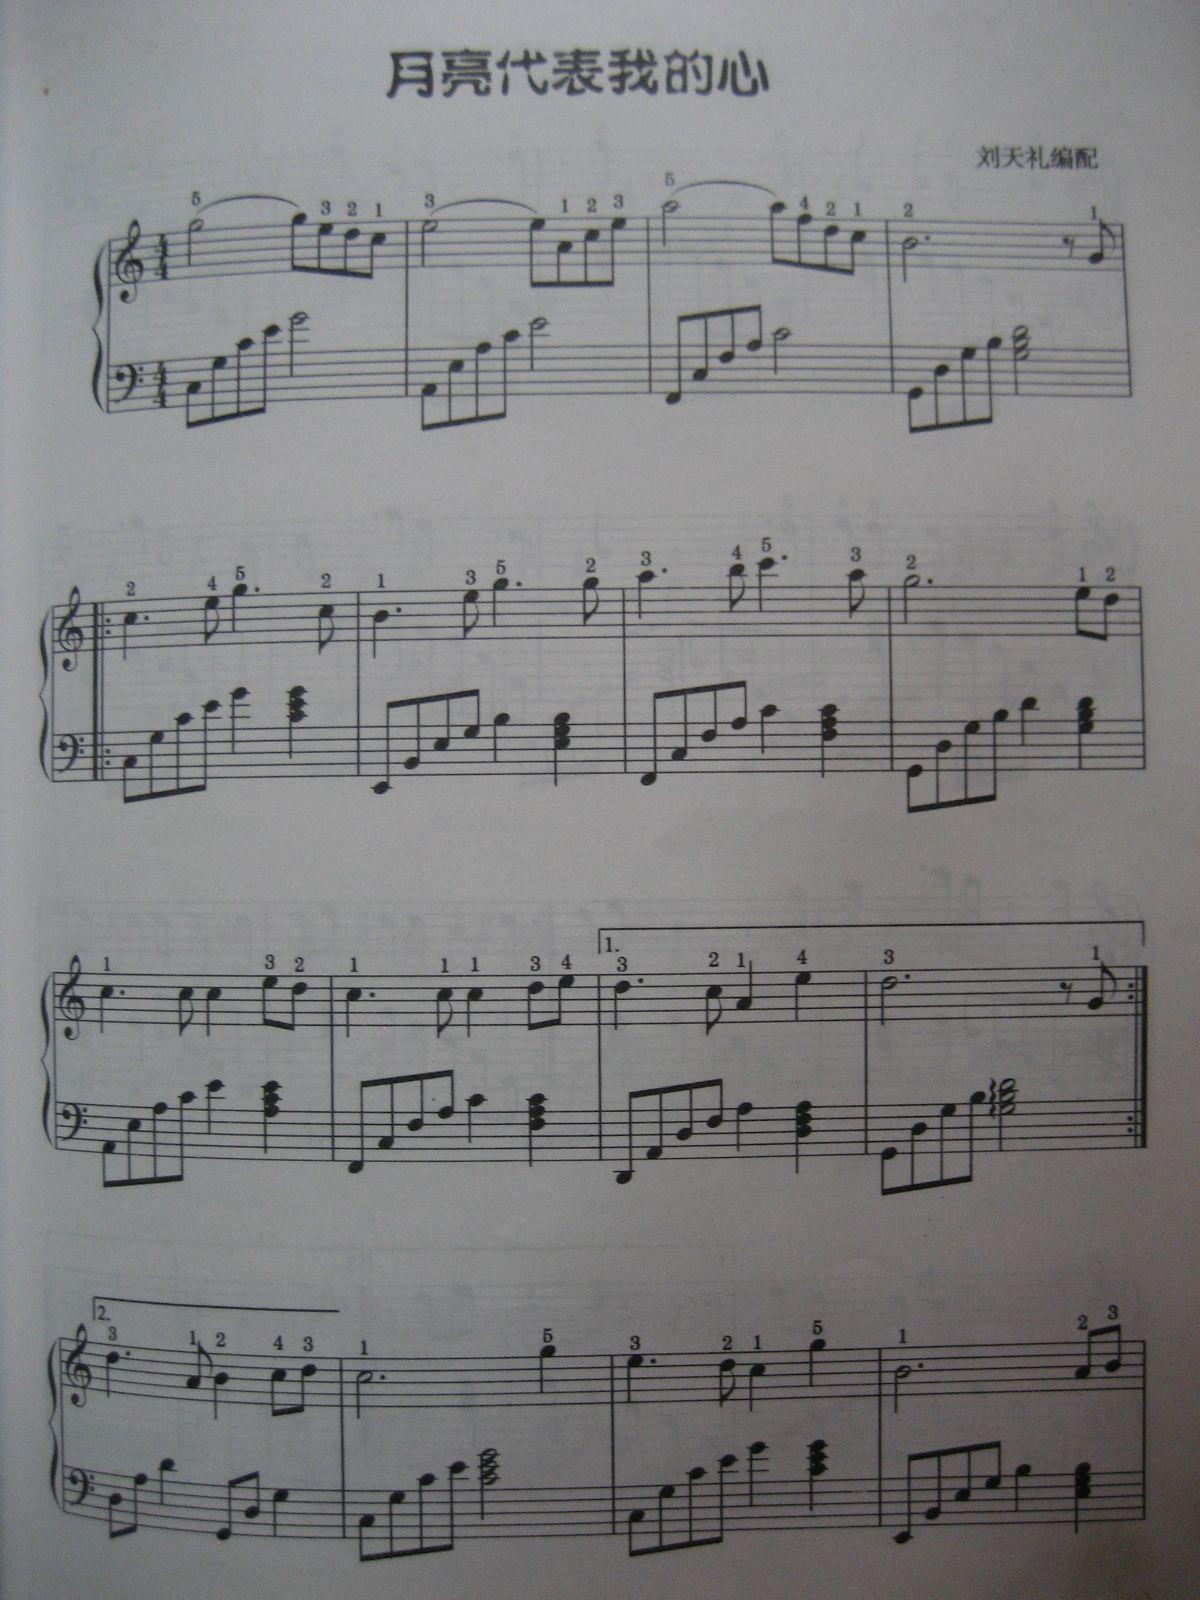 求月亮代表我的心钢琴简谱要带和铉,带指法,谢谢